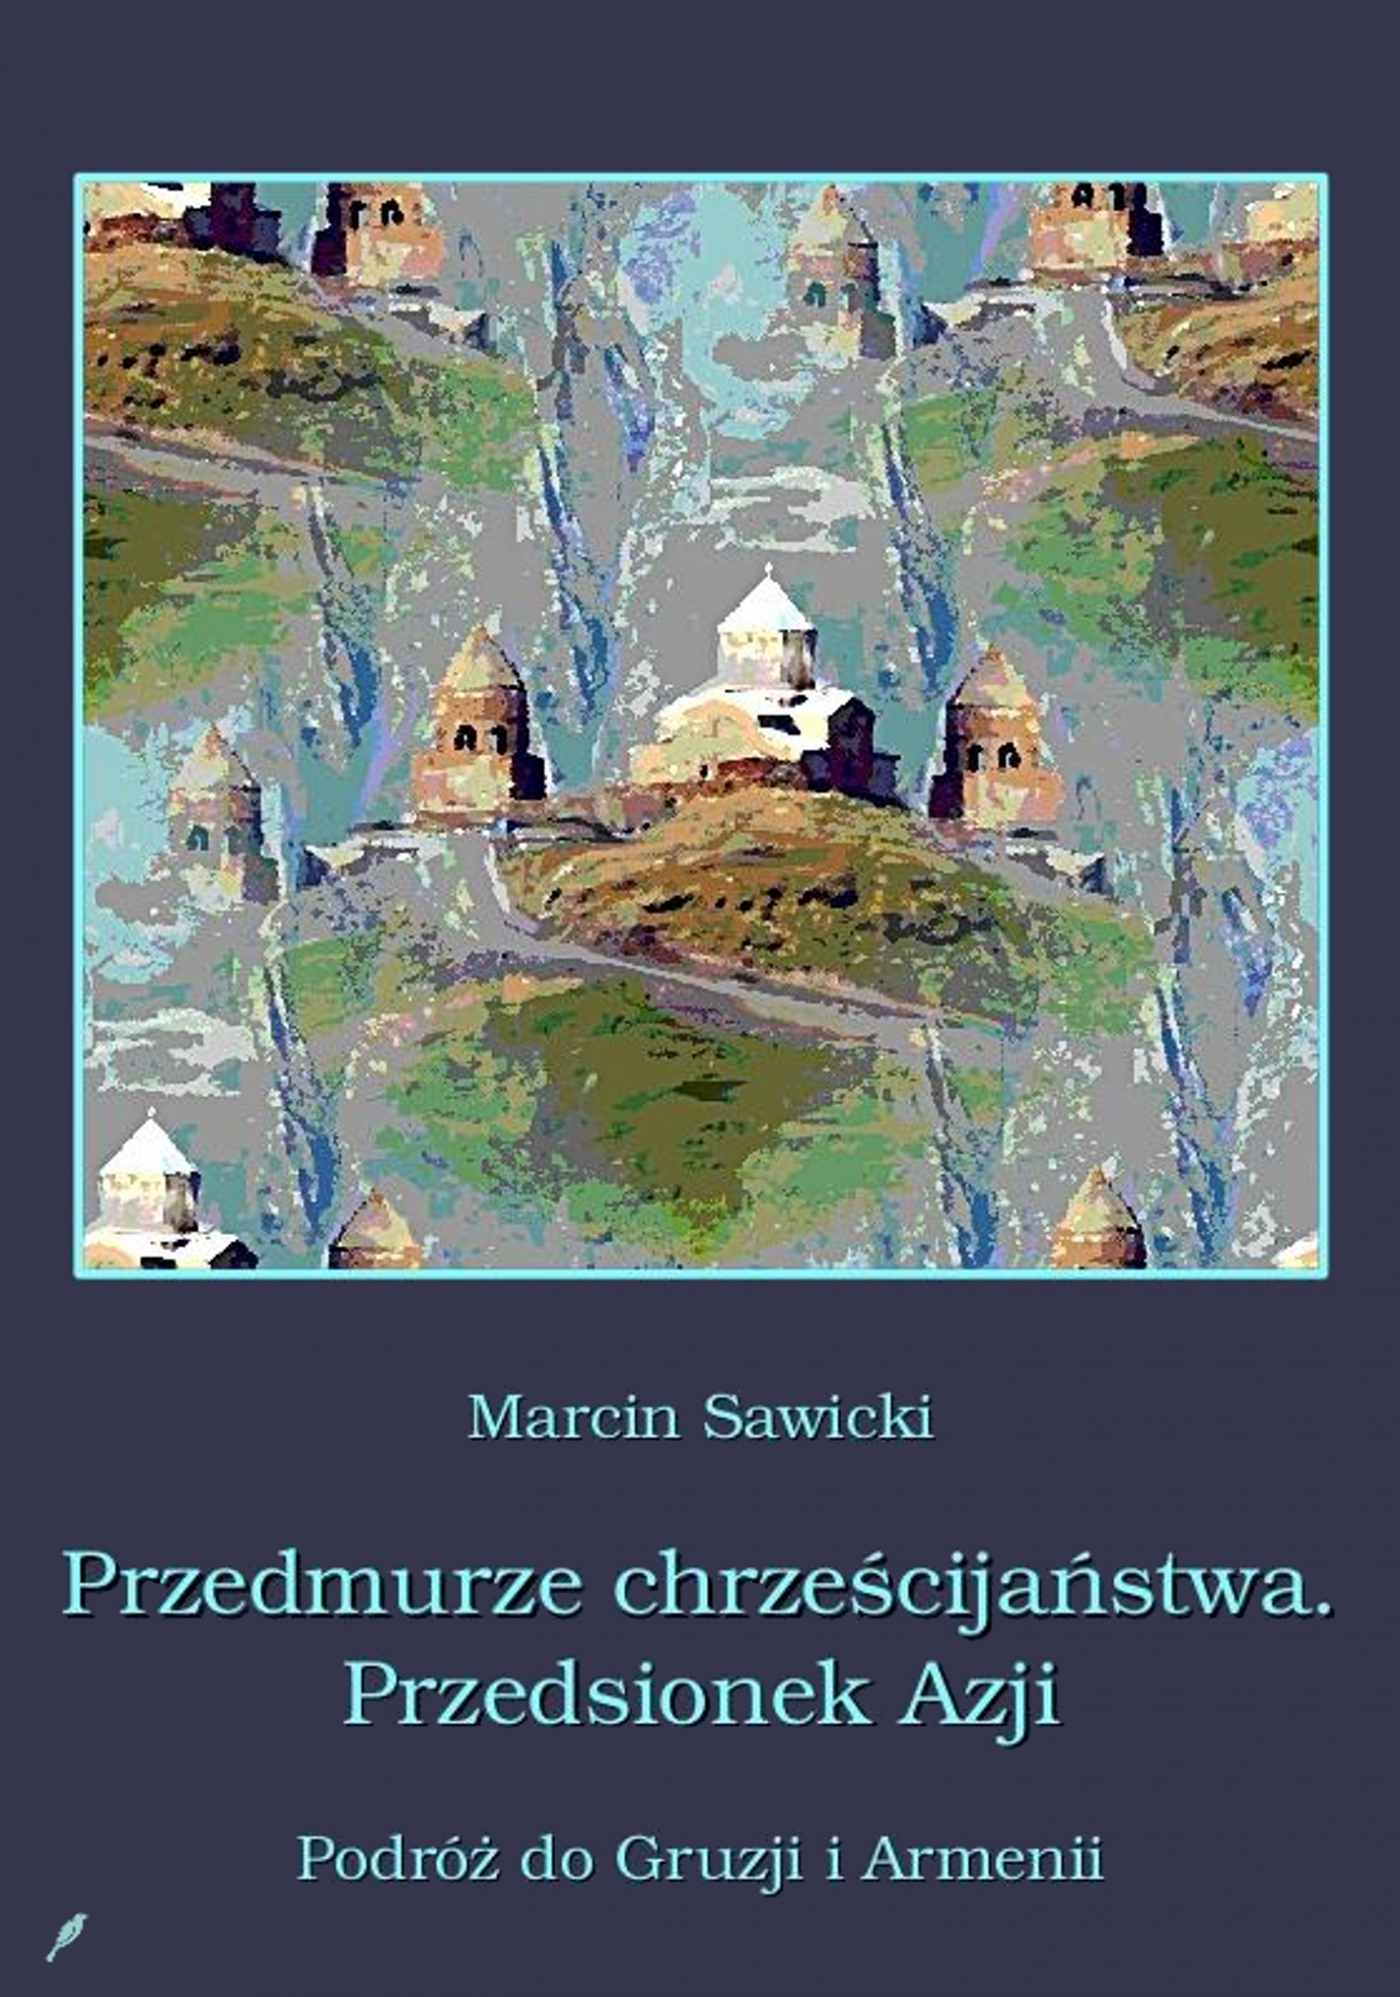 Przedmurze chrześcijaństwa. Przedsionek Azji.  Podróż do Gruzji i Armenii - Ebook (Książka EPUB) do pobrania w formacie EPUB